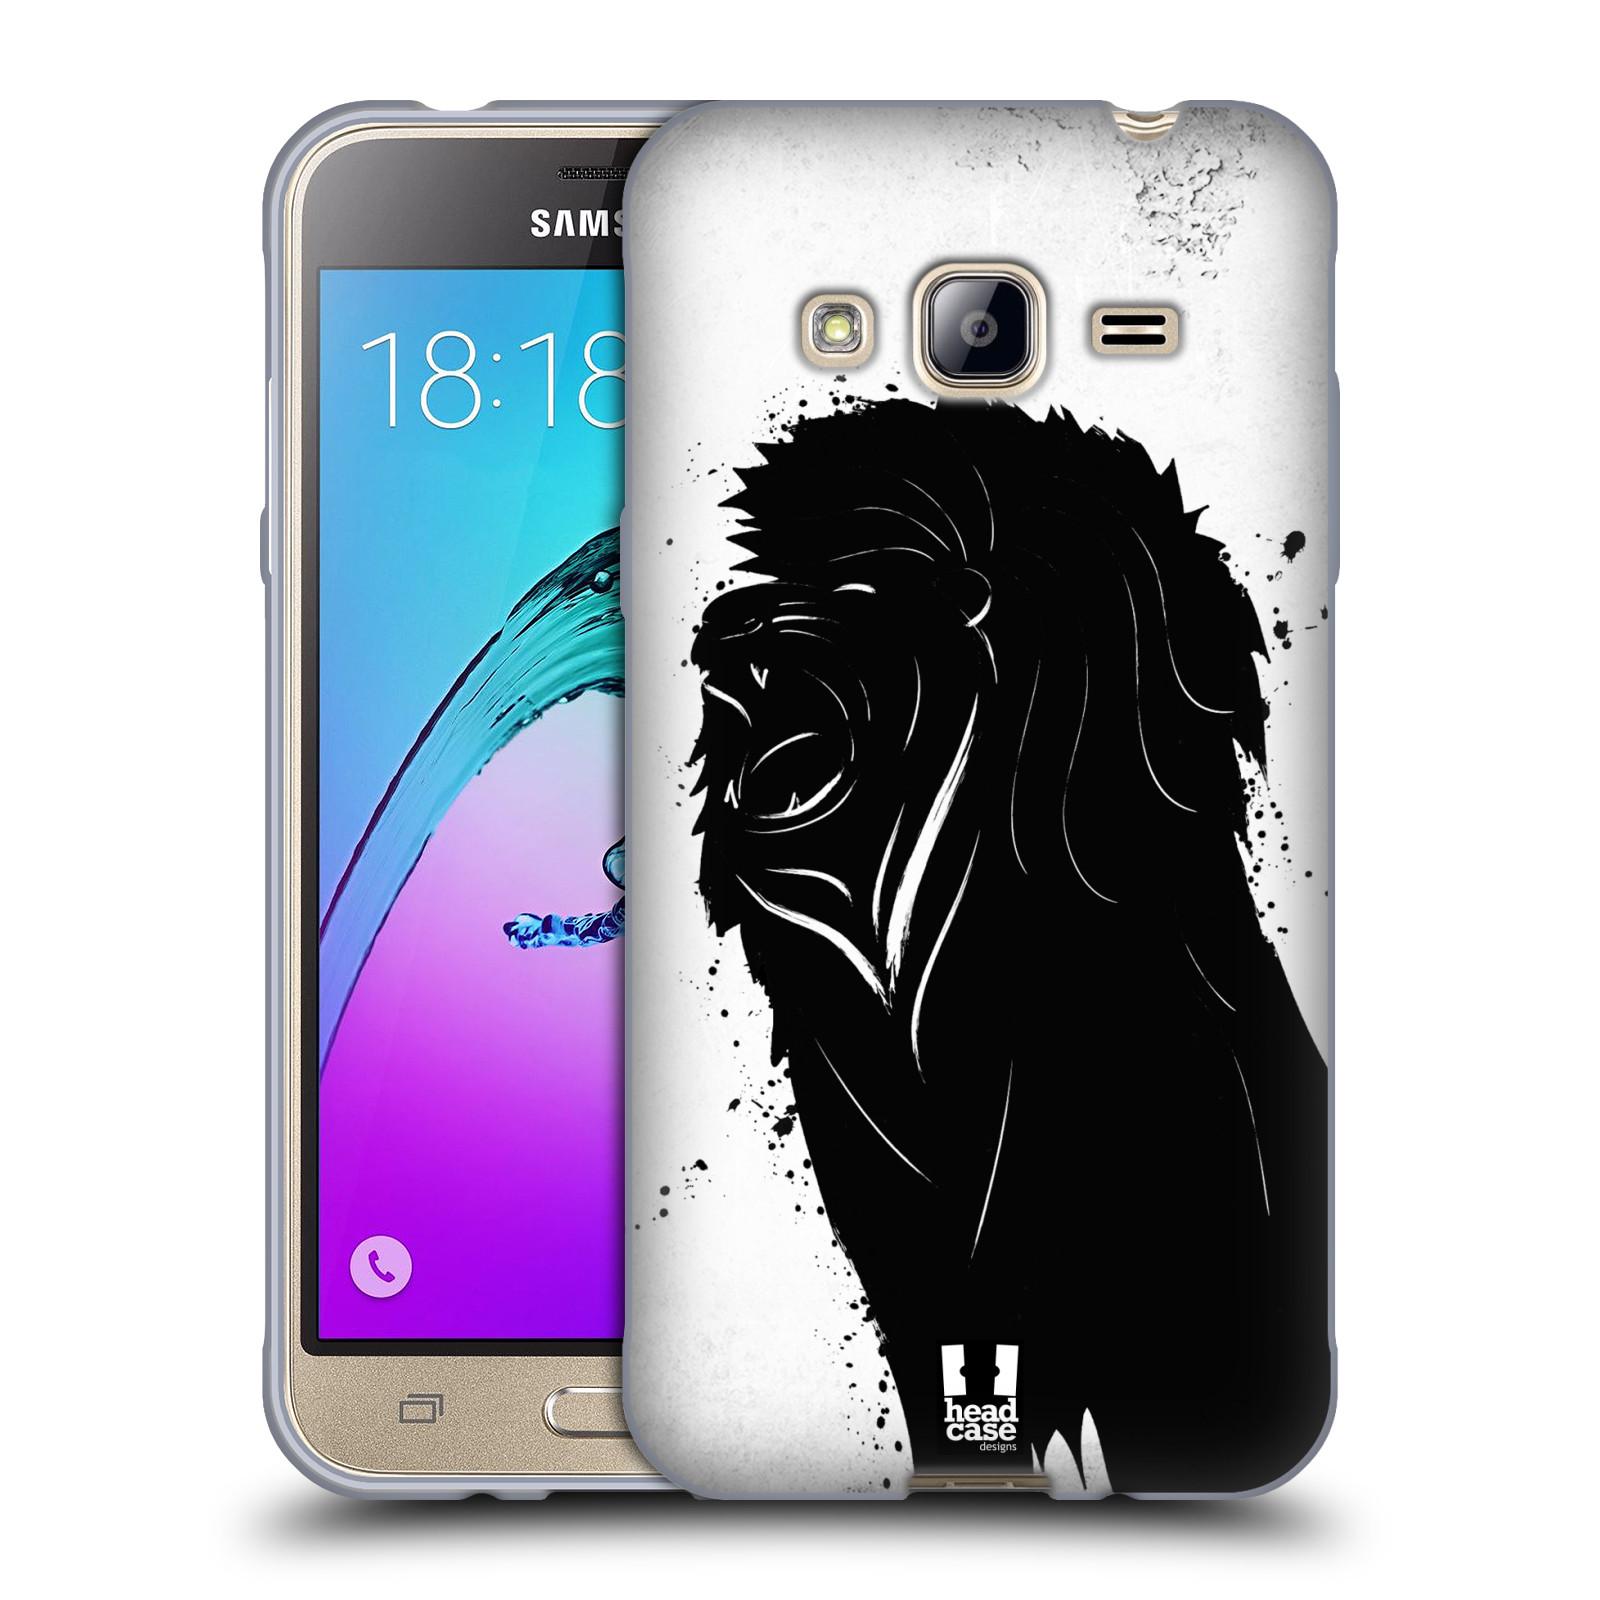 HEAD CASE silikonový obal na mobil Samsung Galaxy J3, J3 2016 vzor Kresba tuš zvíře lev